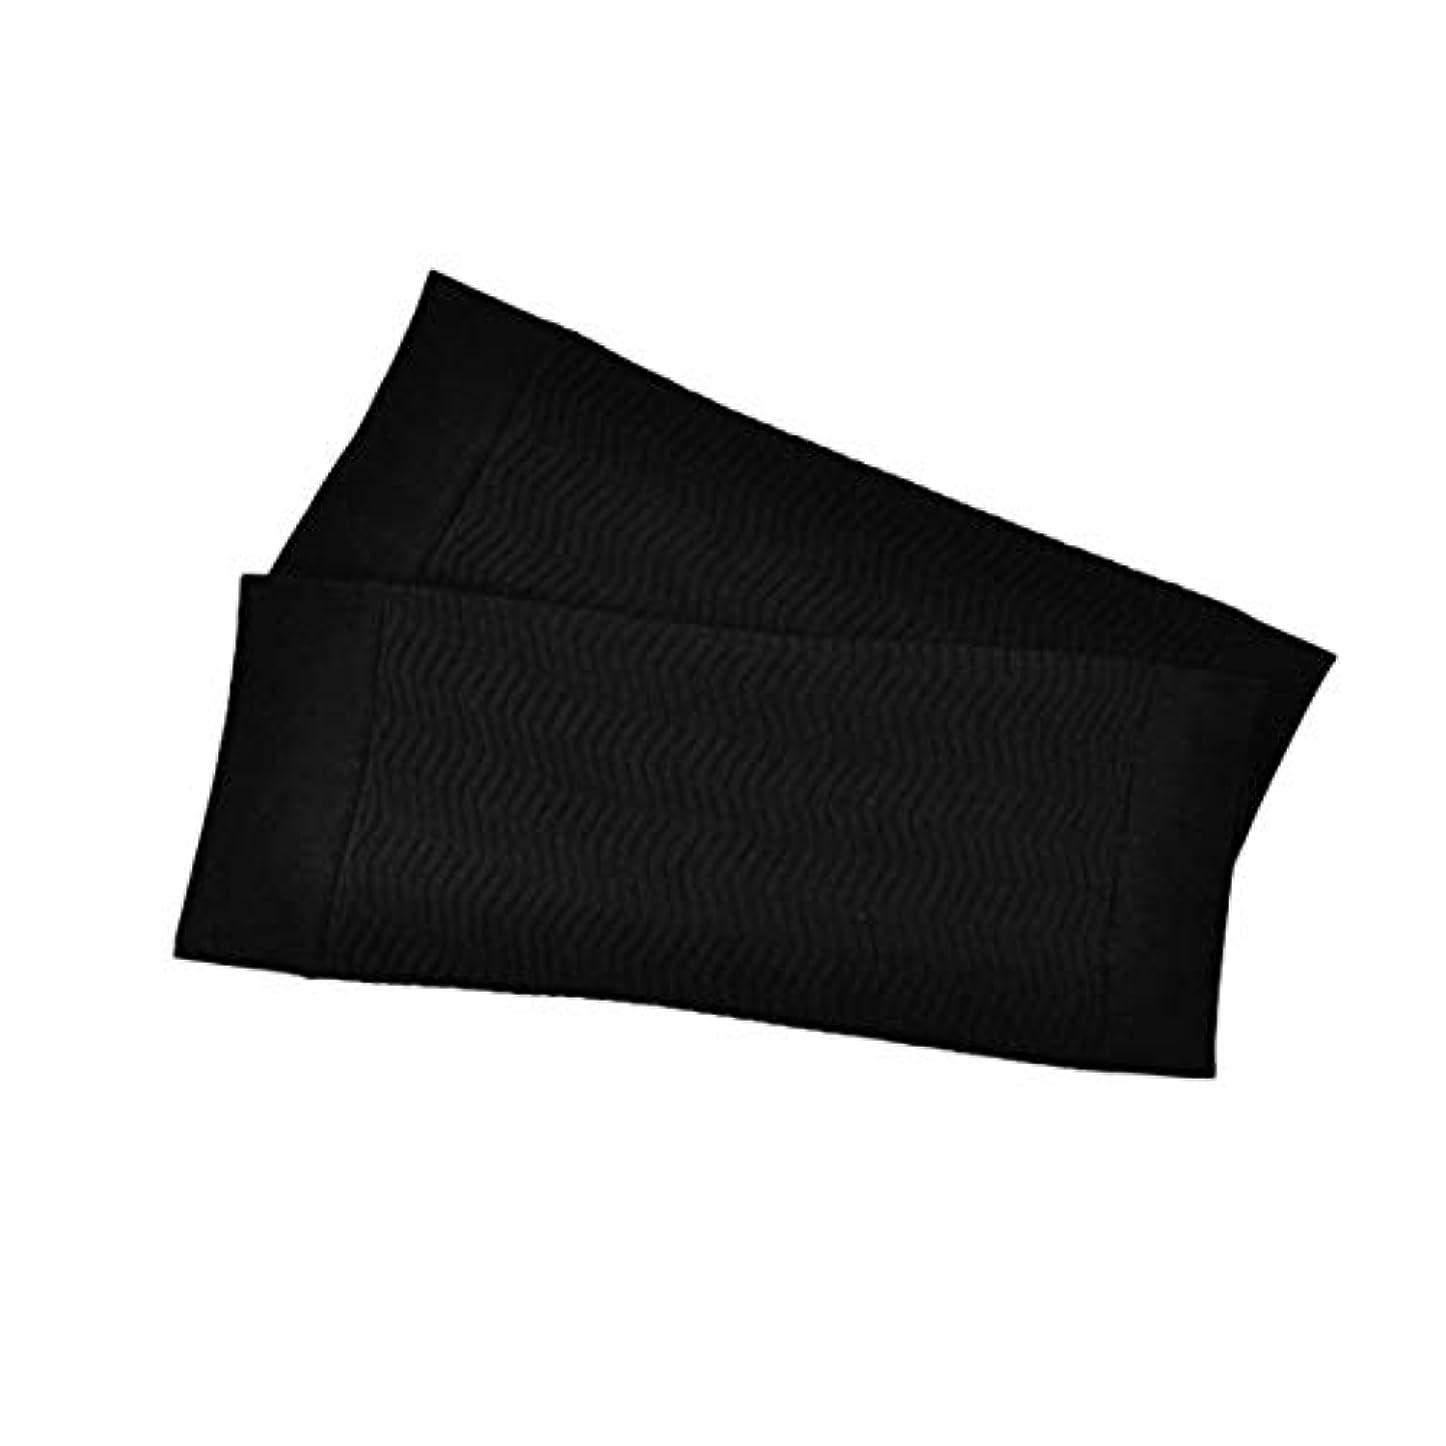 端末私たちの鉄1ペア680 D圧縮アームシェイパーワークアウトトーニングバーンセルライトスリミングアームスリーブ脂肪燃焼半袖用女性 - ブラック